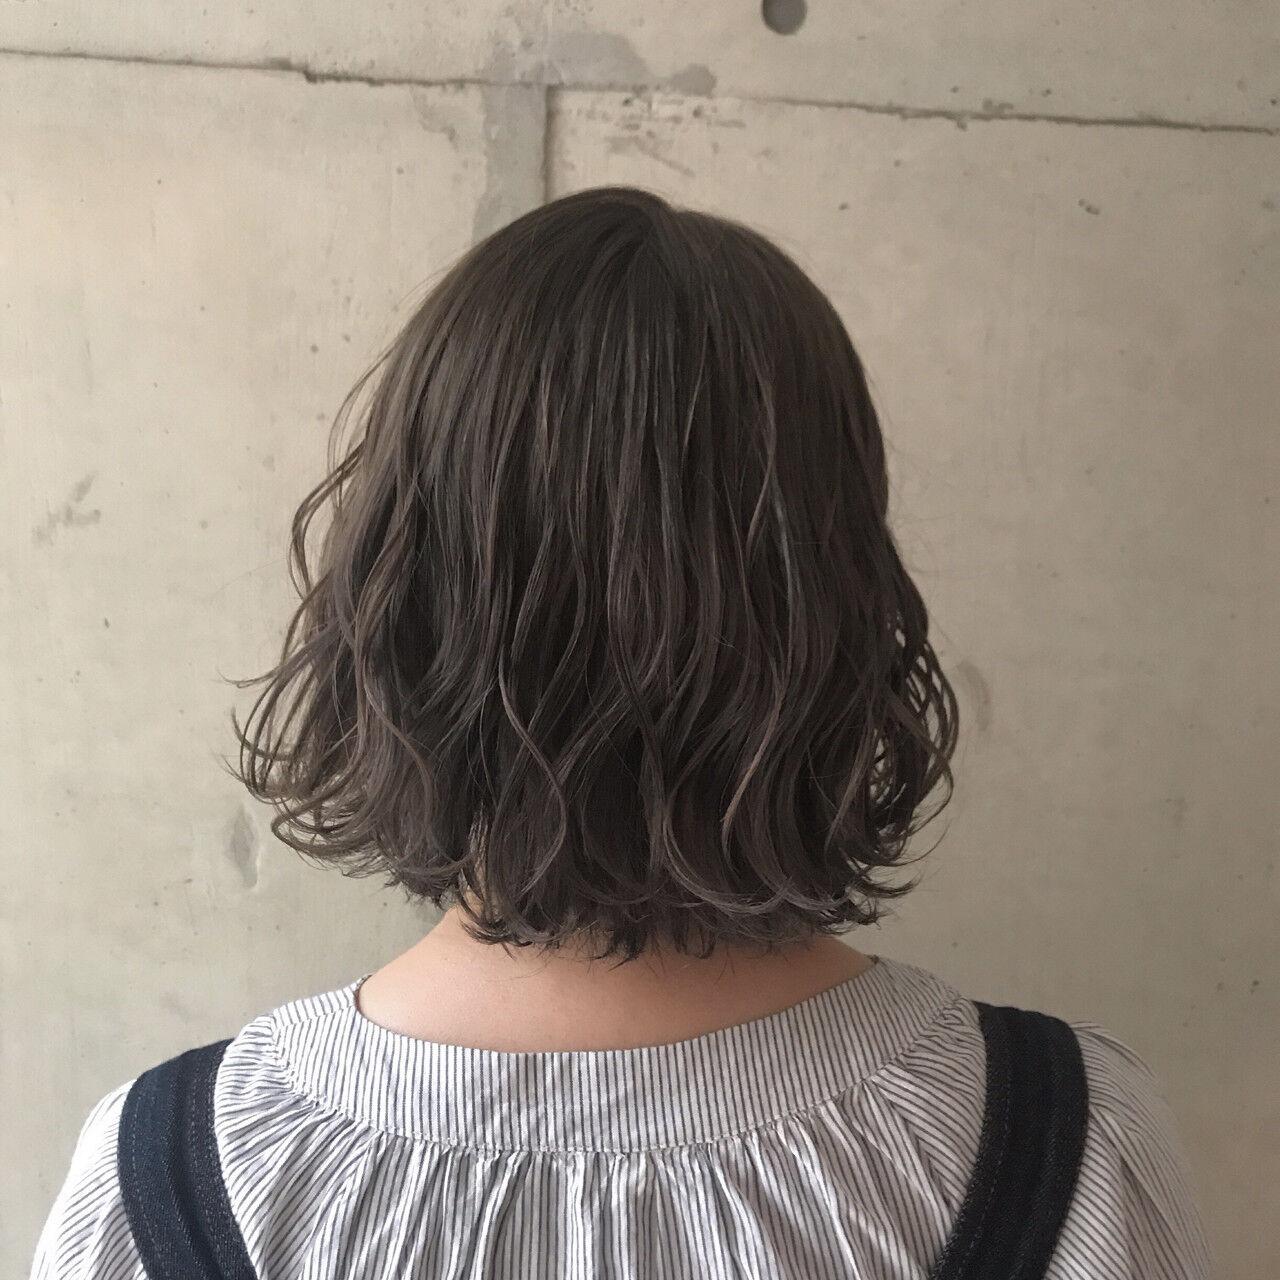 ウェーブ ドライフラワー ナチュラル ボブヘアスタイルや髪型の写真・画像